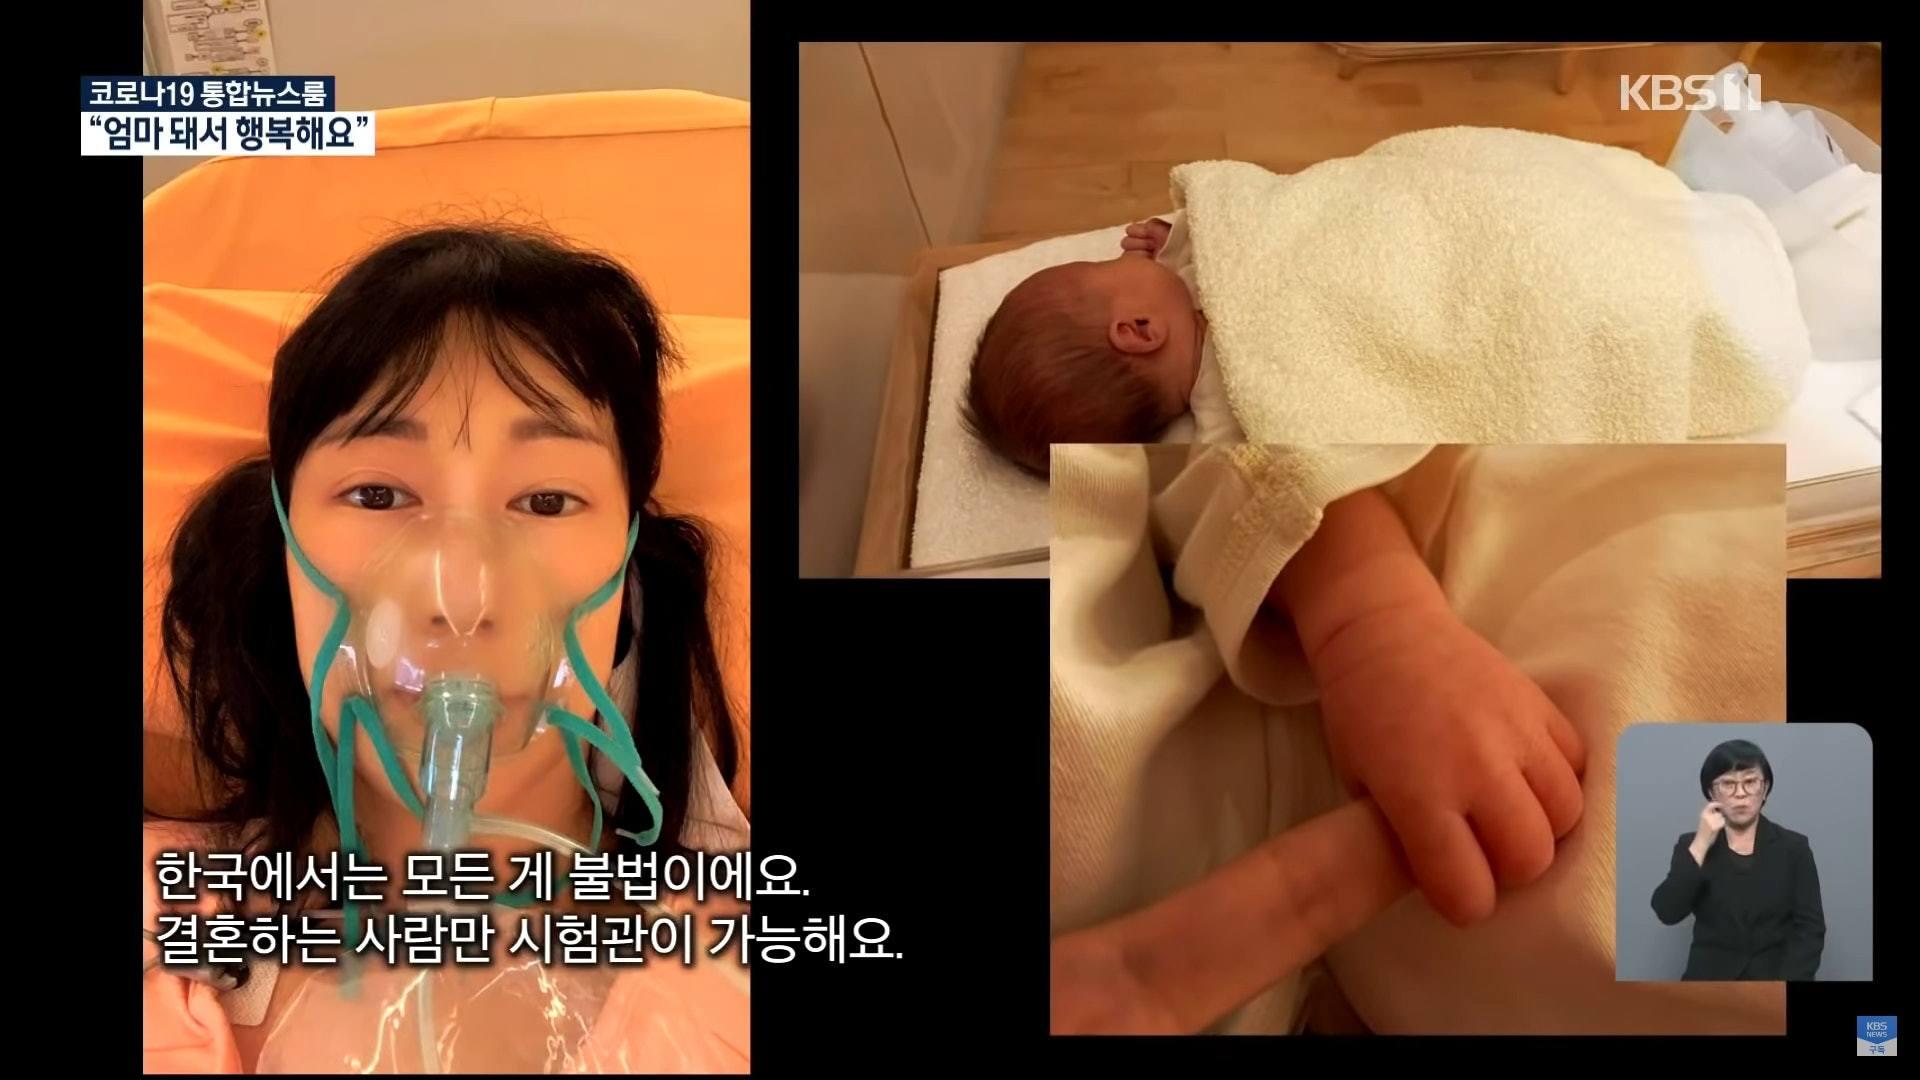 韩国41岁女星未婚生子引热议,原因公开后被网友大赞有勇气!插图3